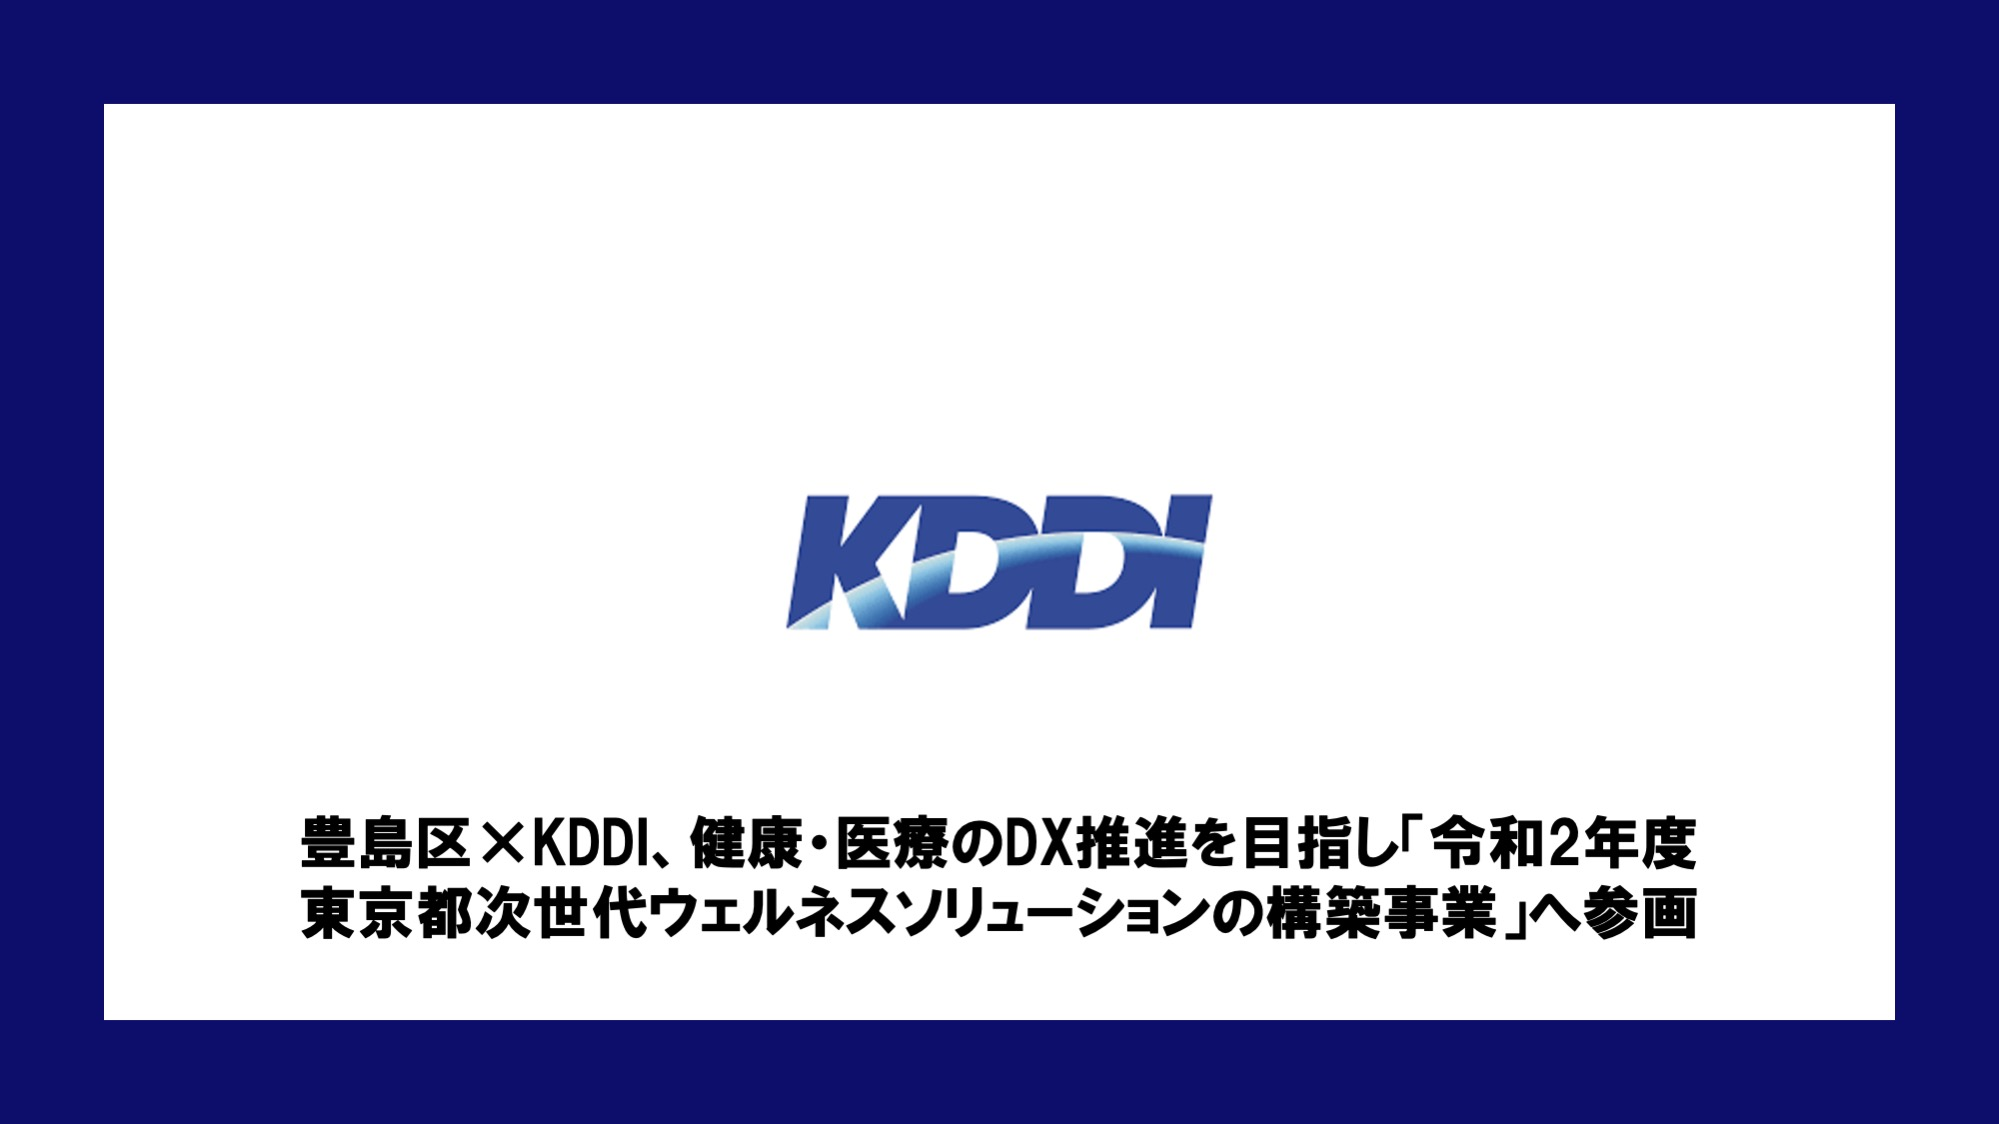 組合 kddi 健康 保険